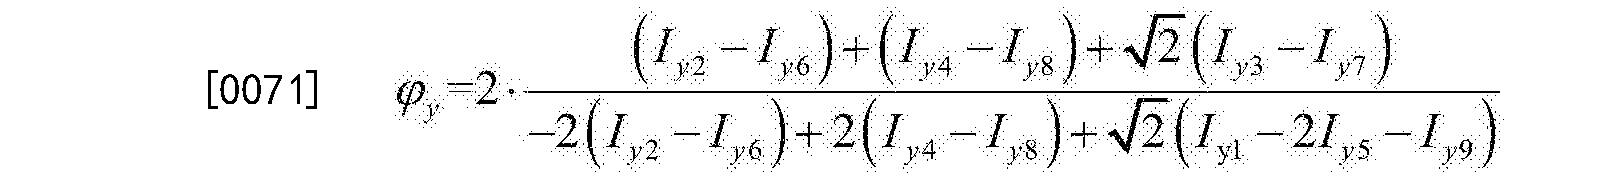 Figure CN104111120BD00081